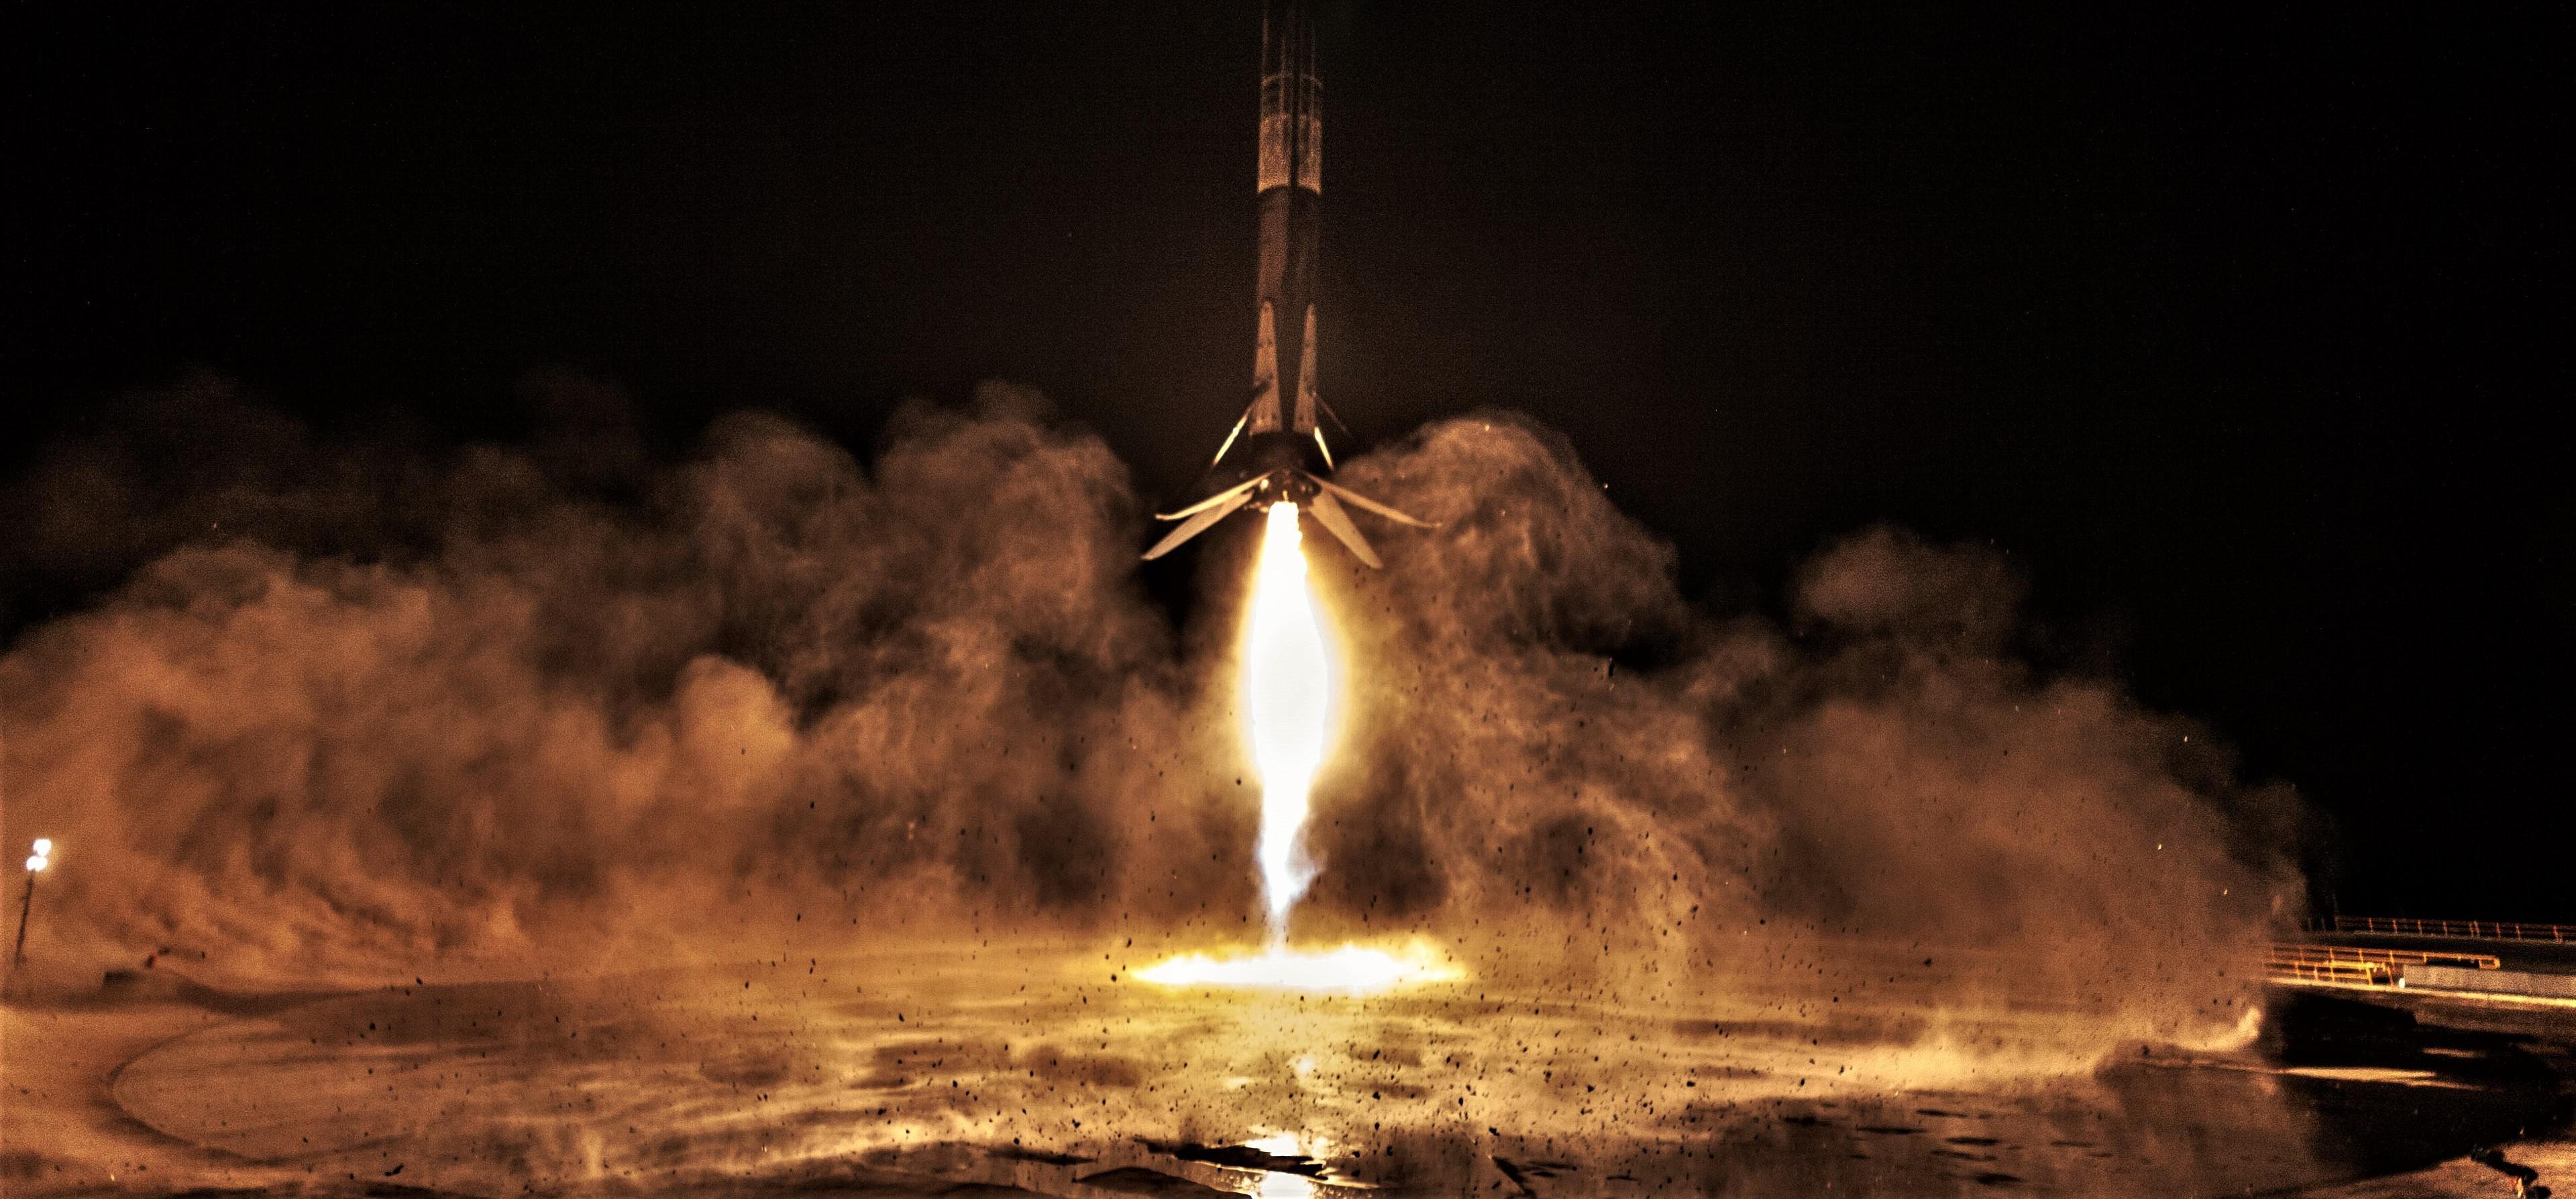 SpaceX уволит 10% своих сотрудников, чтобы сосредоточиться на самом важном